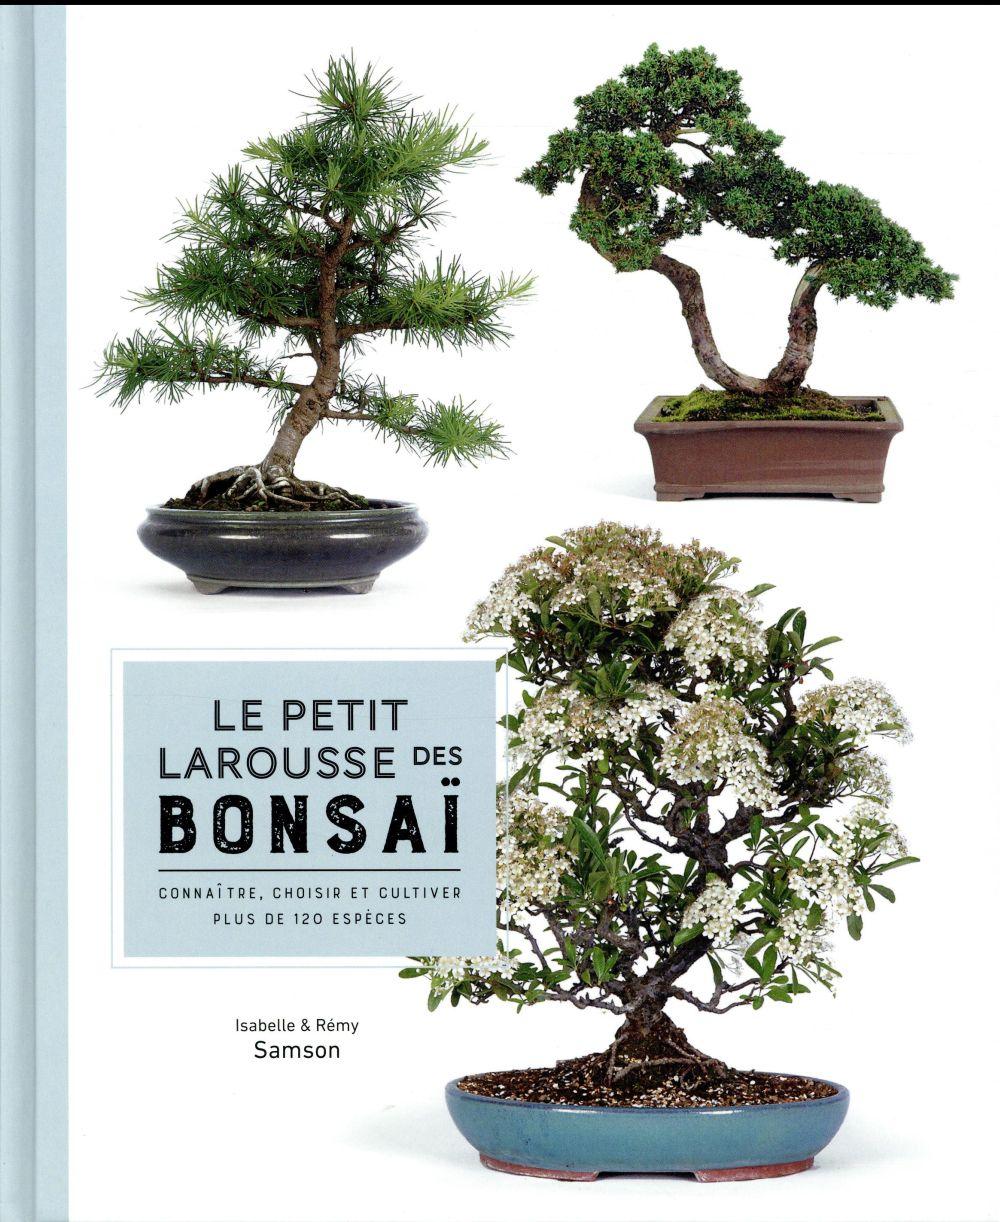 LE PETIT LAROUSSE DES BONSAI